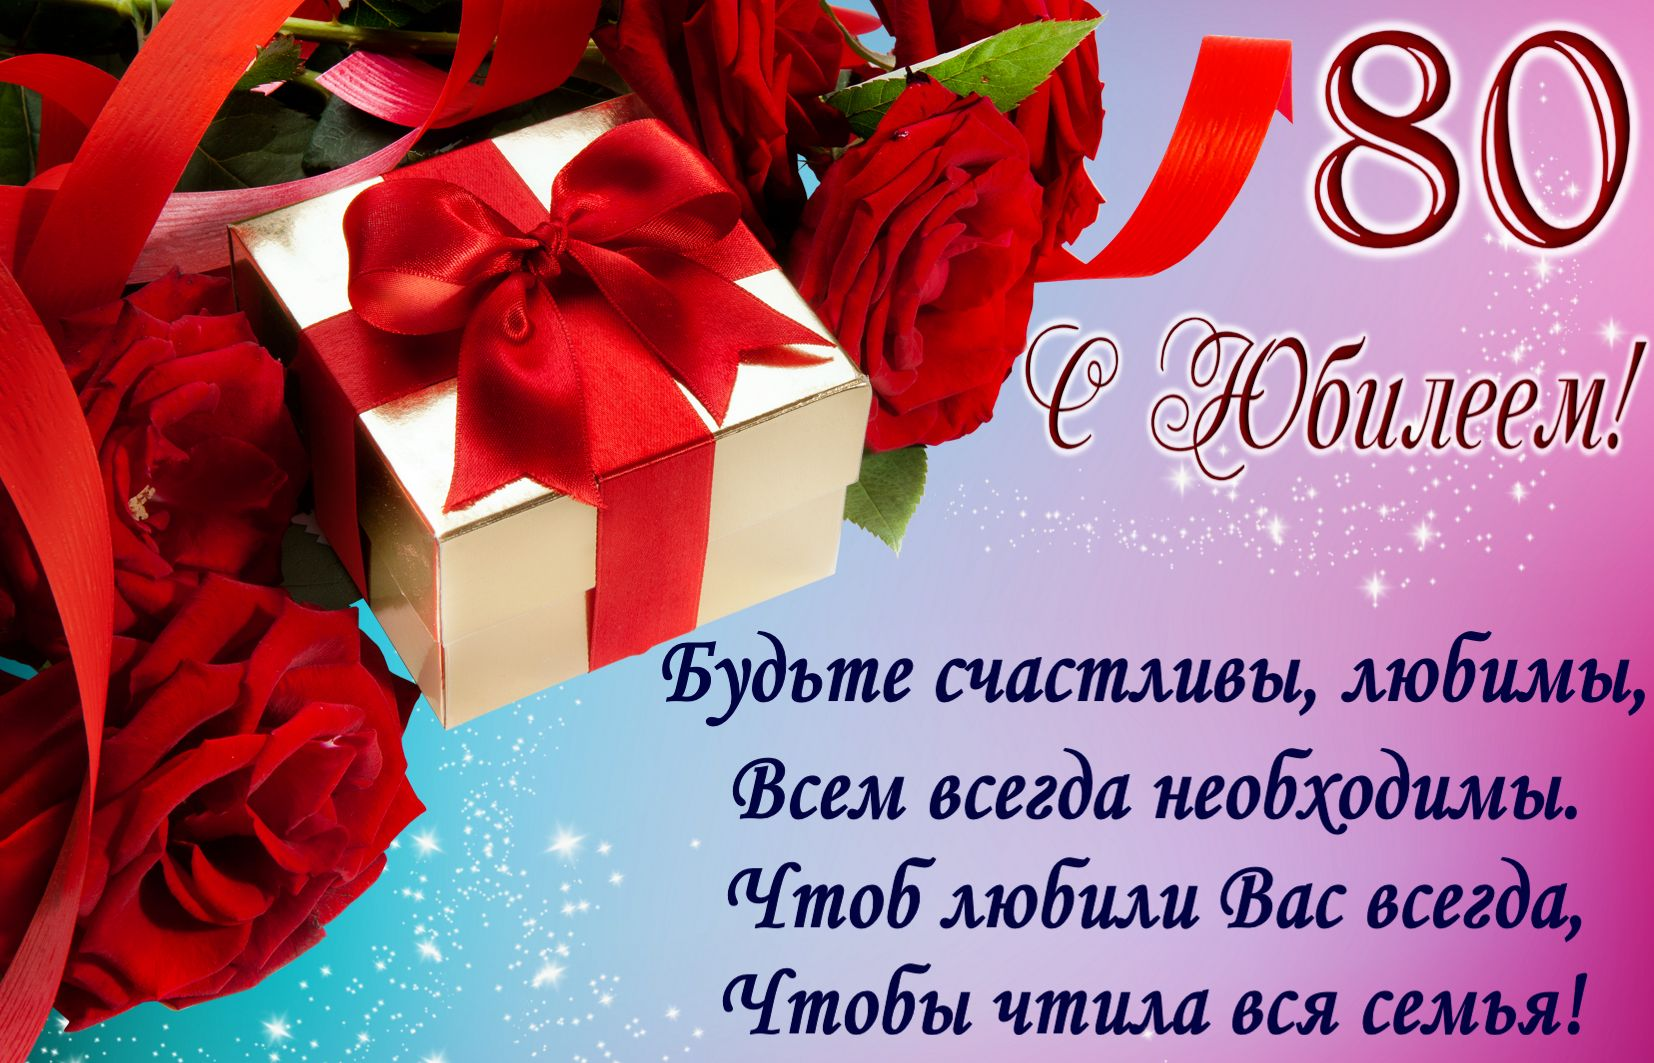 Пожелание и красивый подарок к юбилею 80 лет